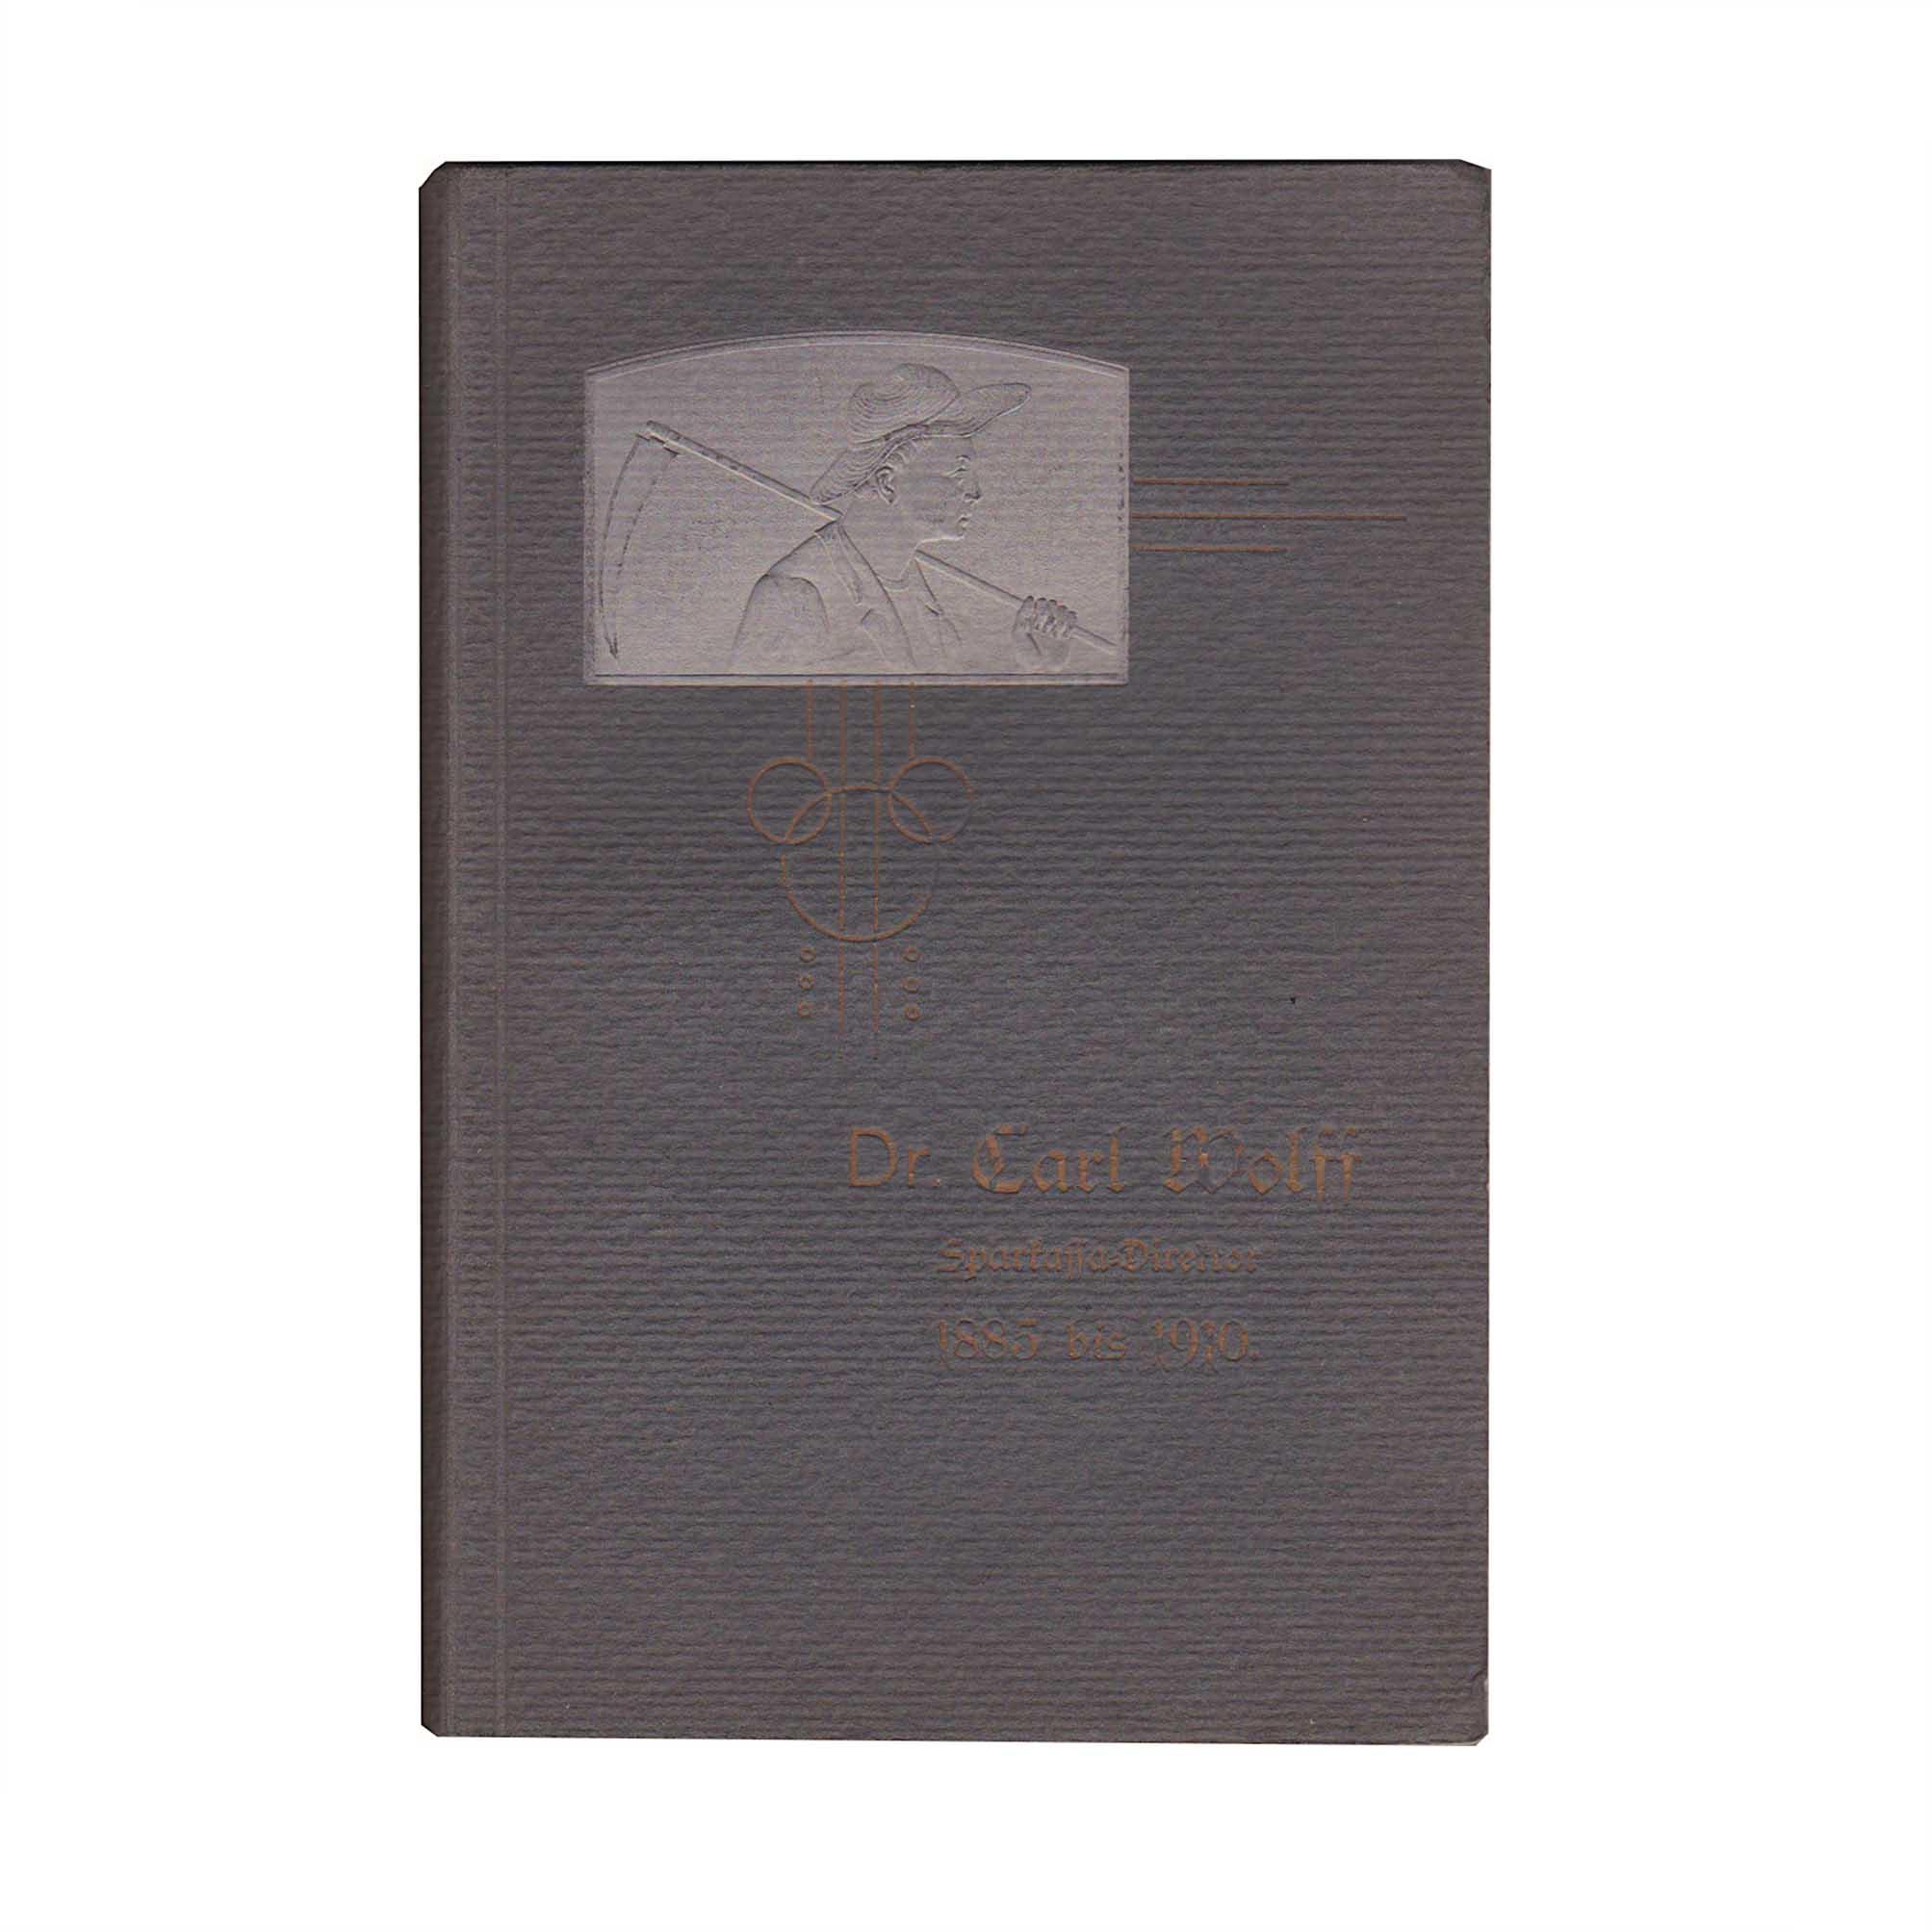 5519-Festschrift-Wolff-Hermannstadt-1910-Einband-recto-A-N.jpg